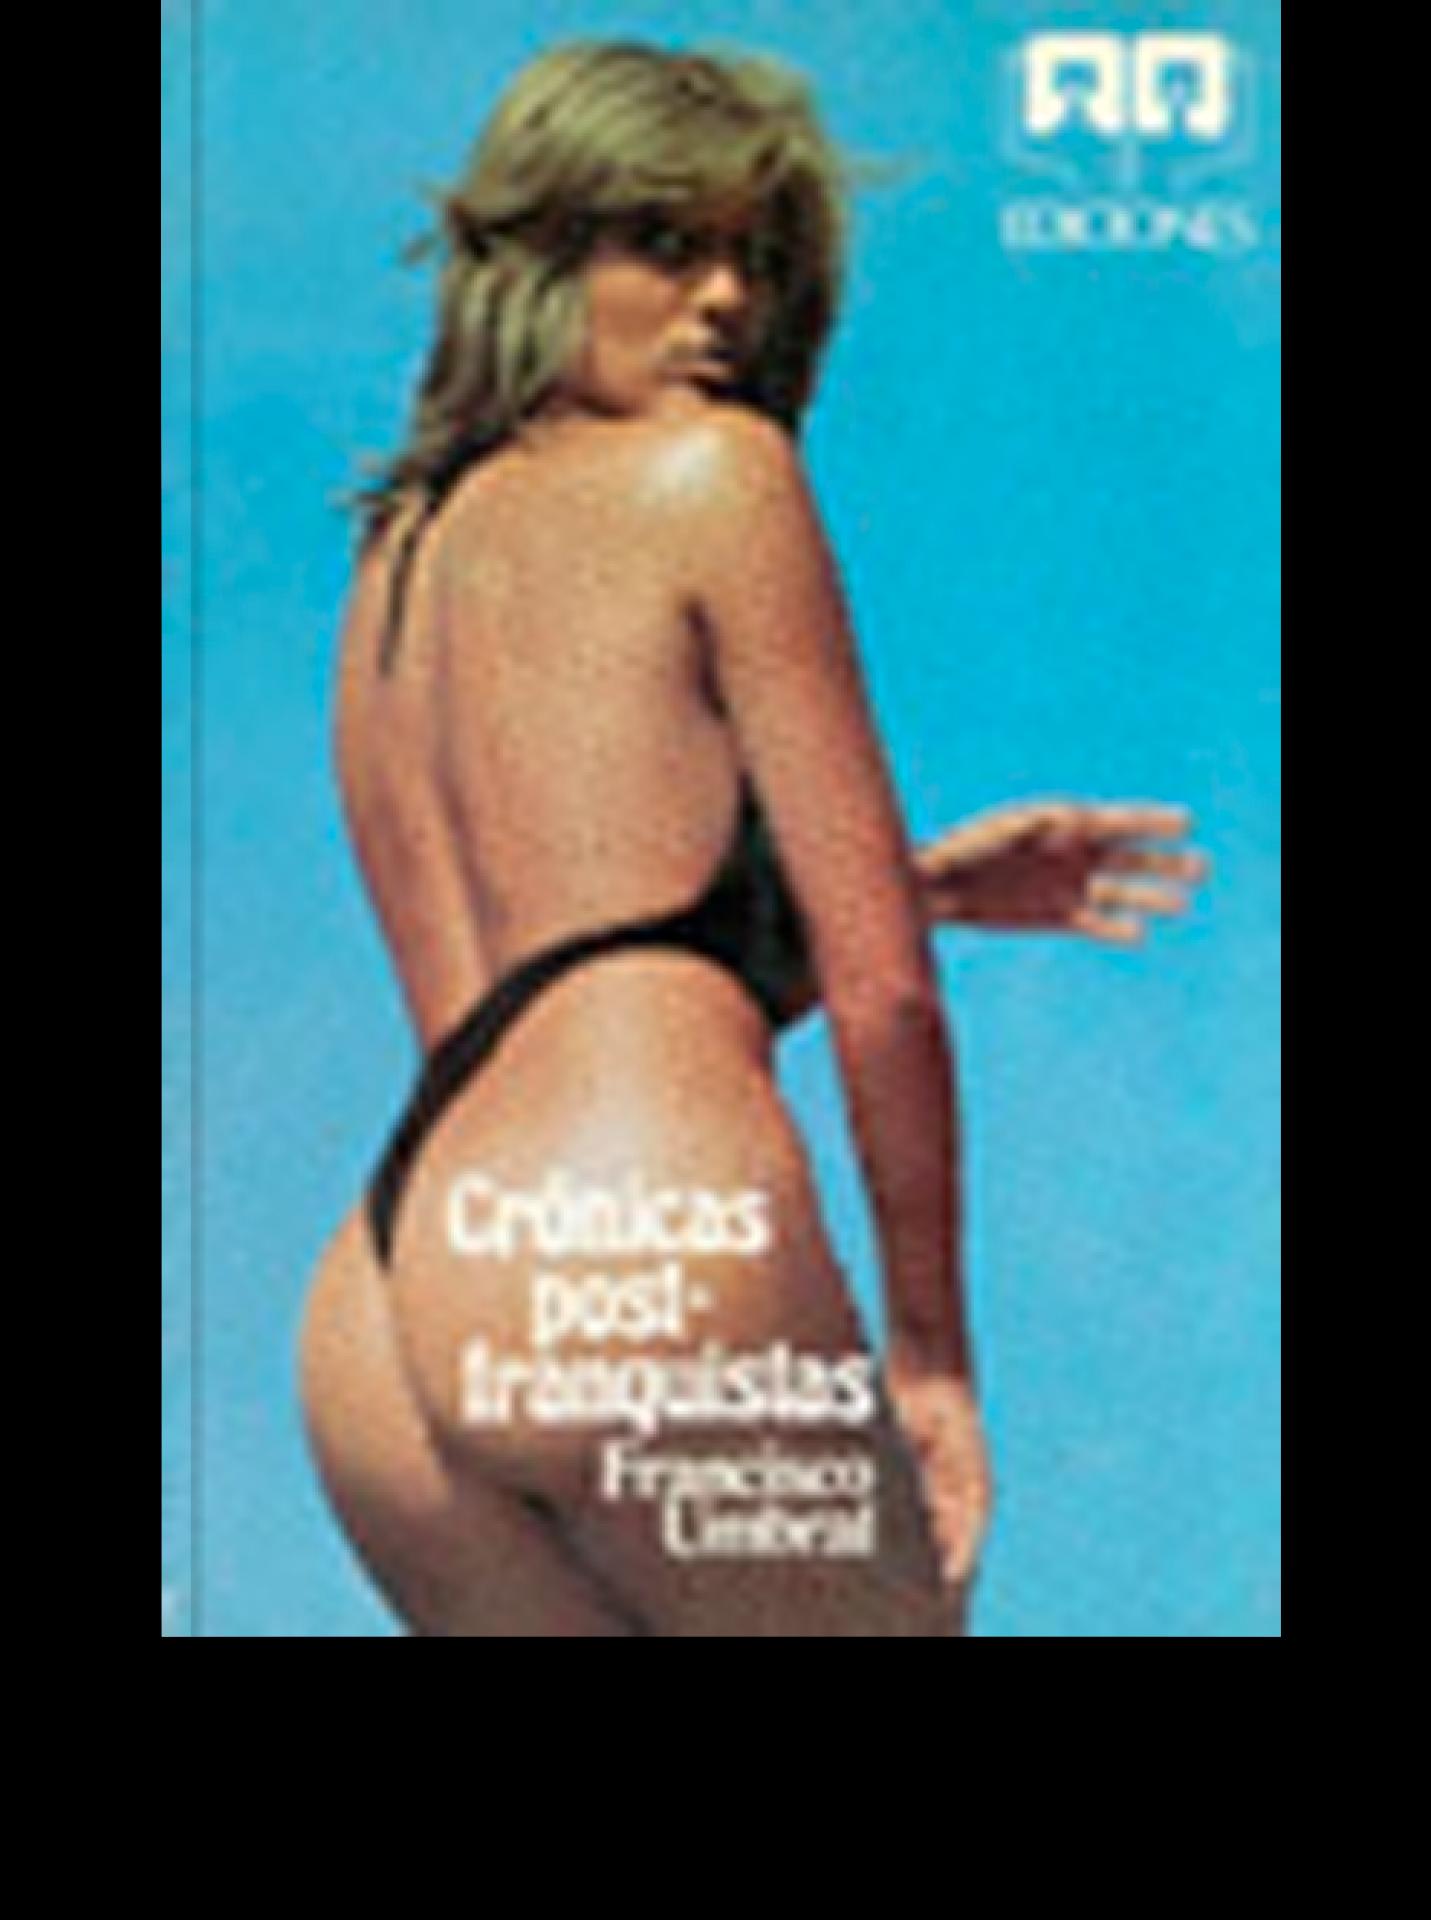 Crónicas Post-franquistas